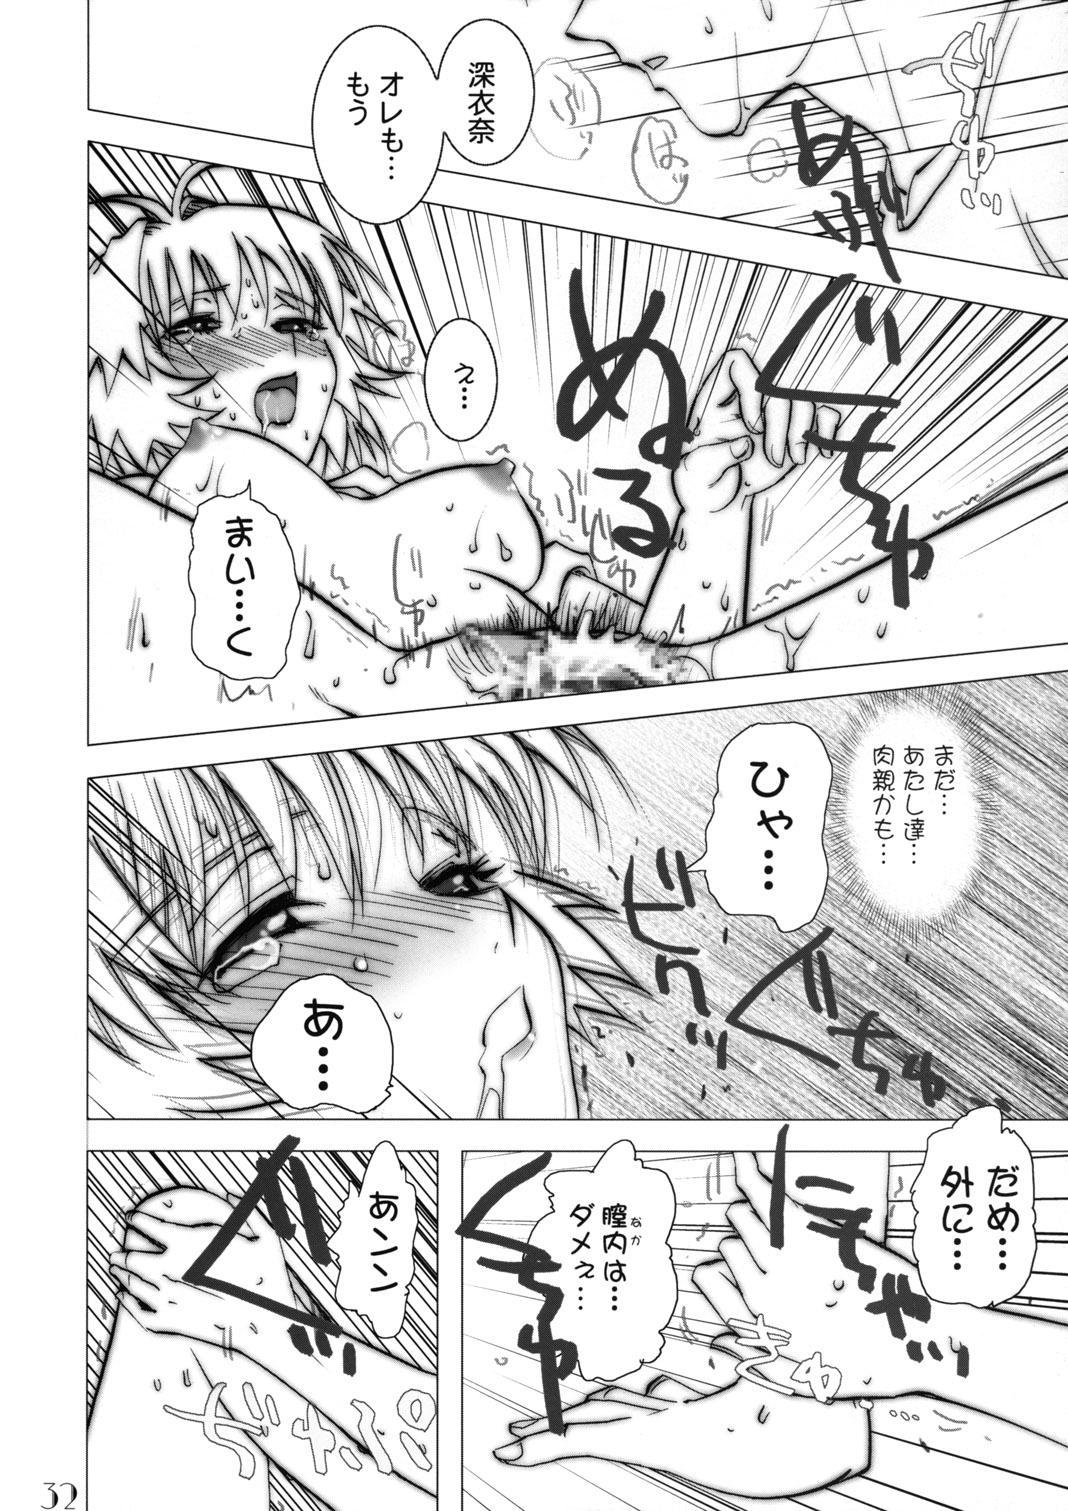 Slave Unit Vol.3 Hokka Hokka Musume 30